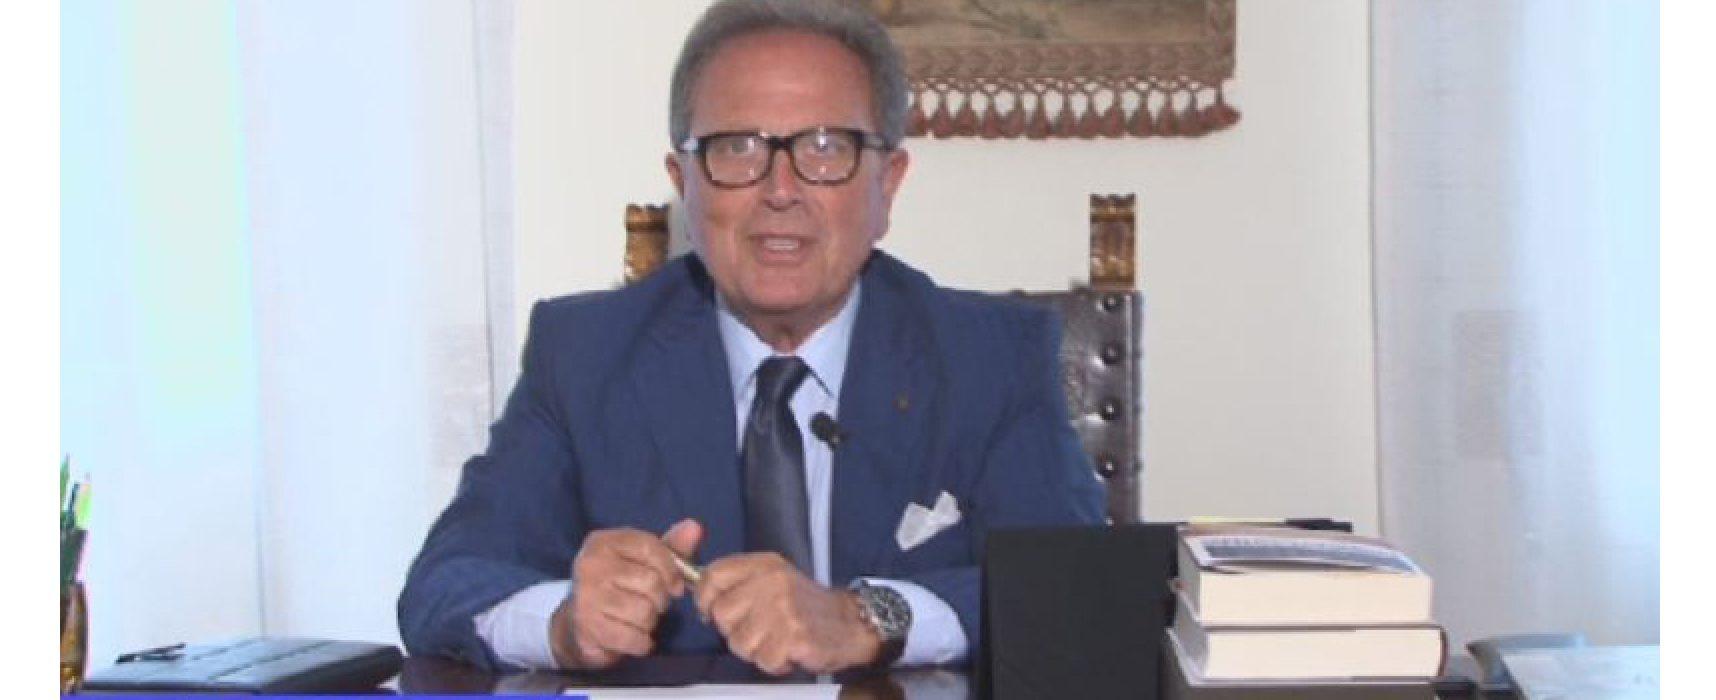 """Don Uva, Telesforo contro i sindacati: """"Atto vandalico di inaudita violenza"""". Scatta la protesta"""